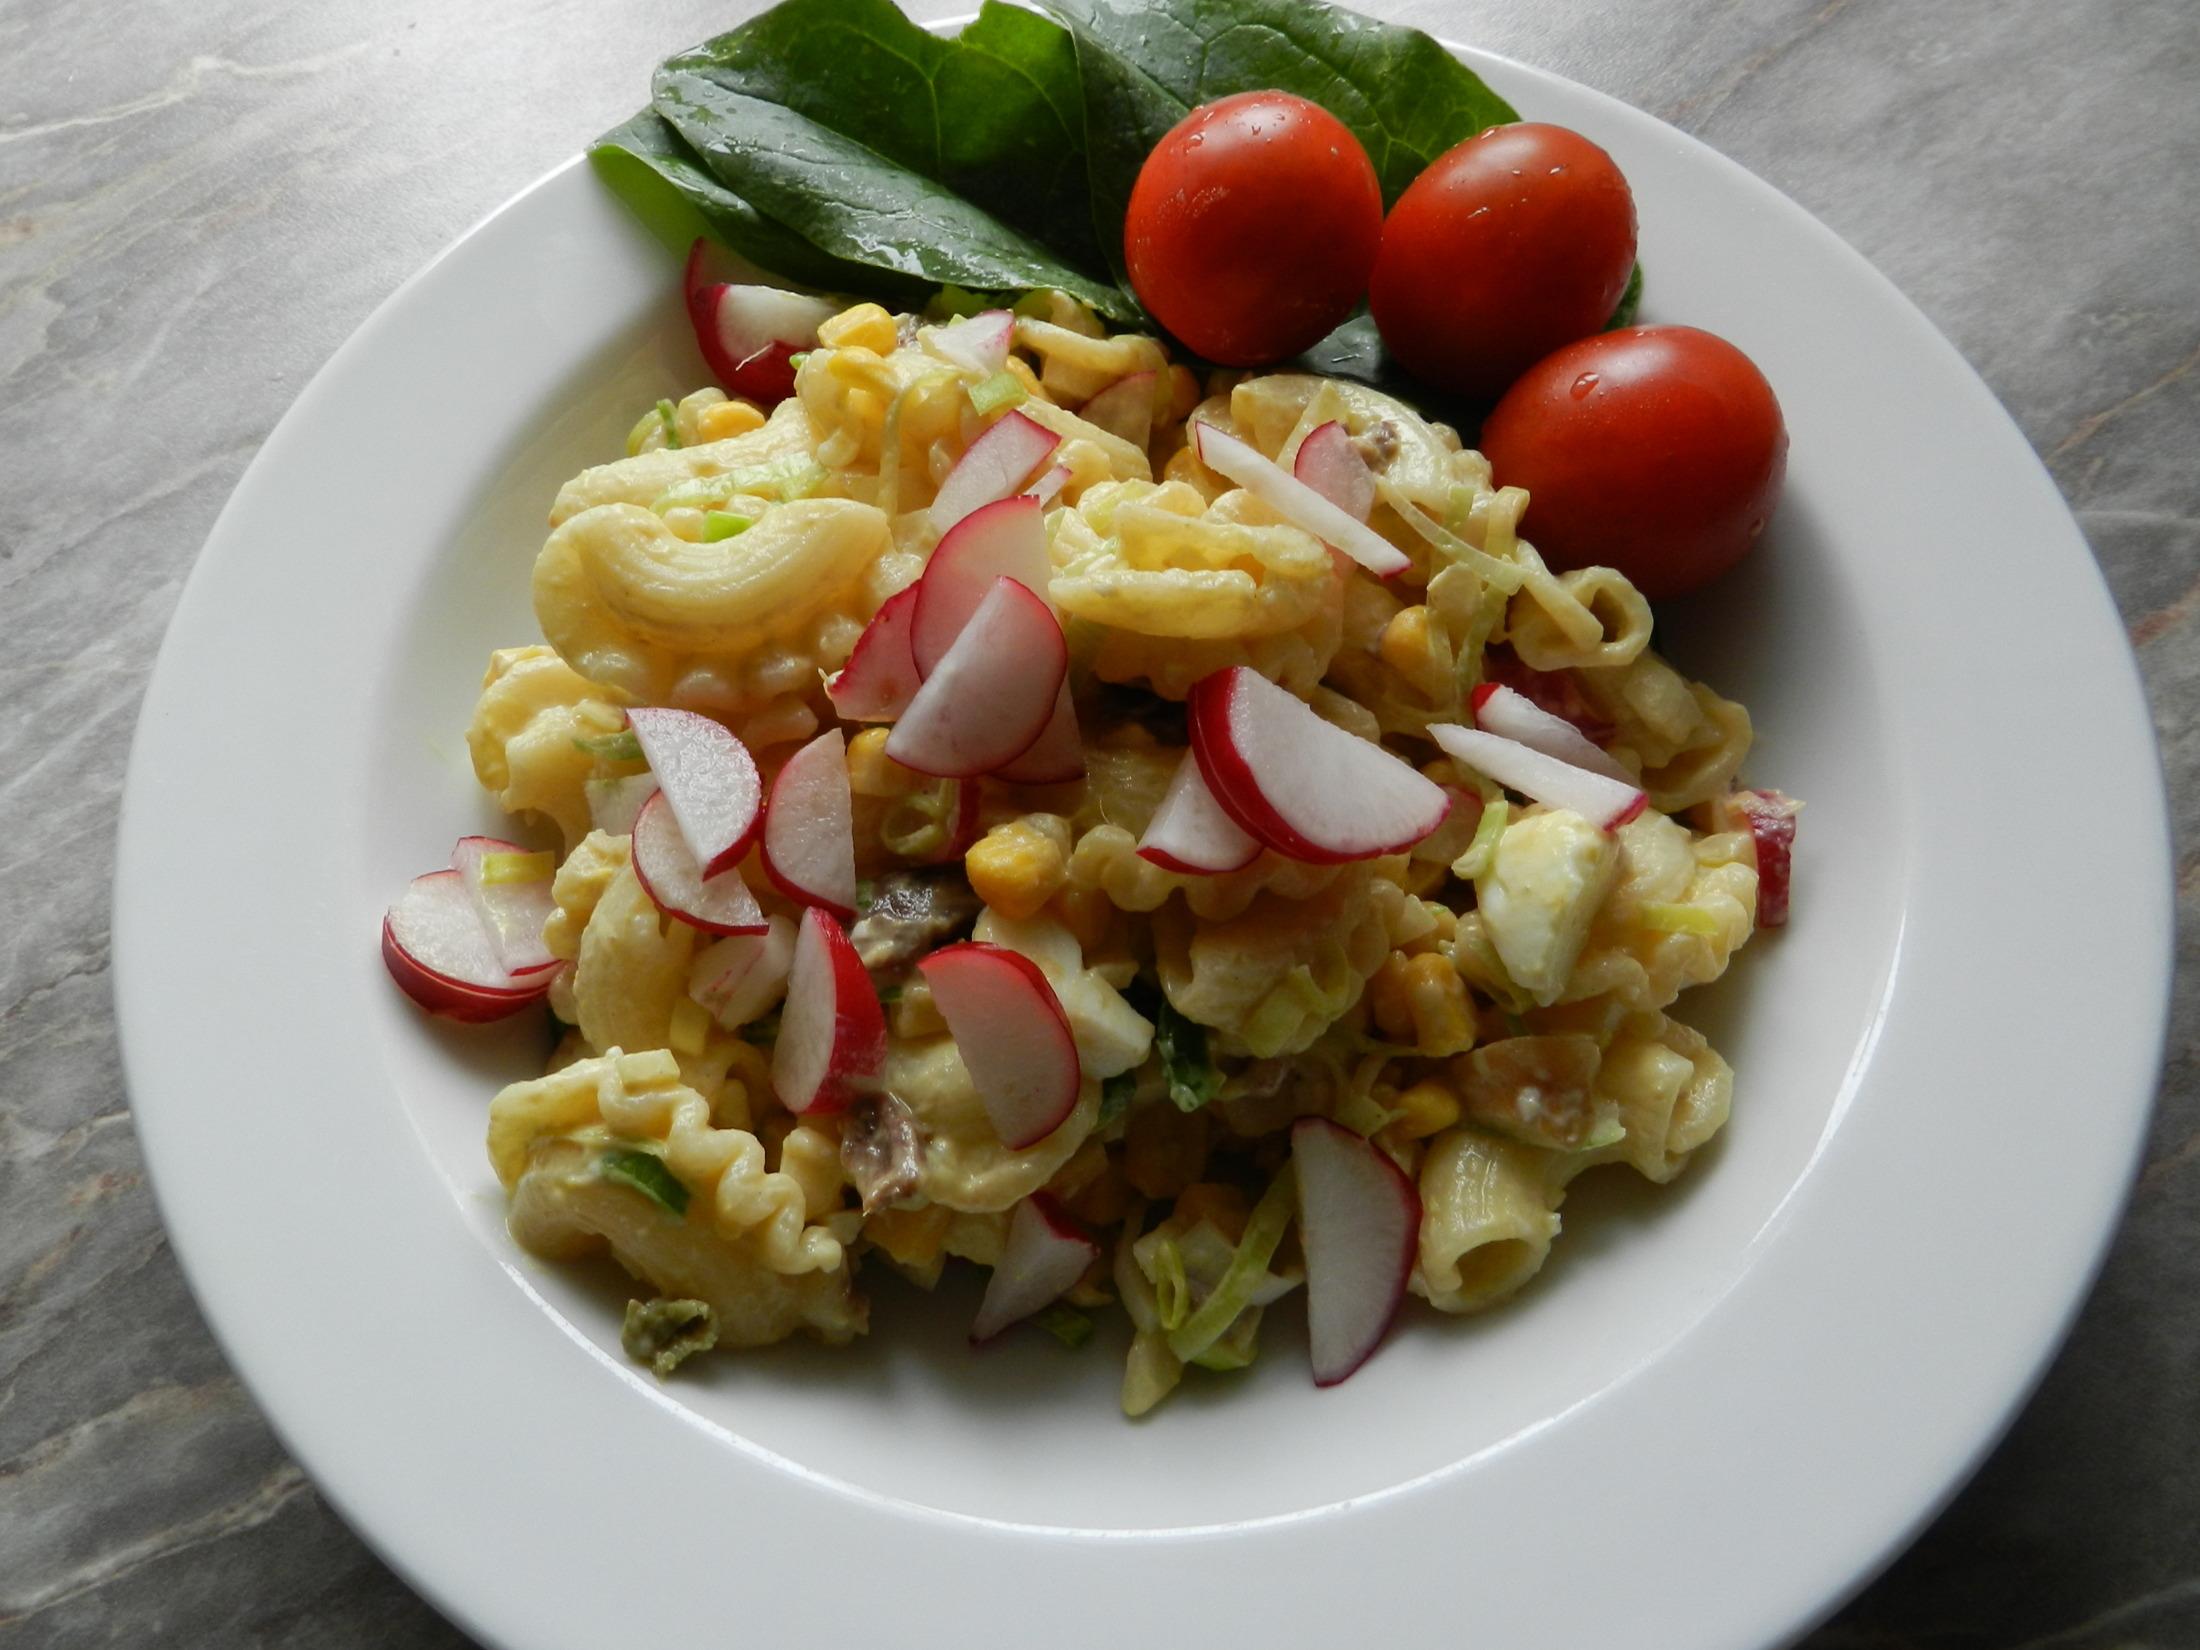 Fotografie receptu: Těstovinový salát se sardelovými očky